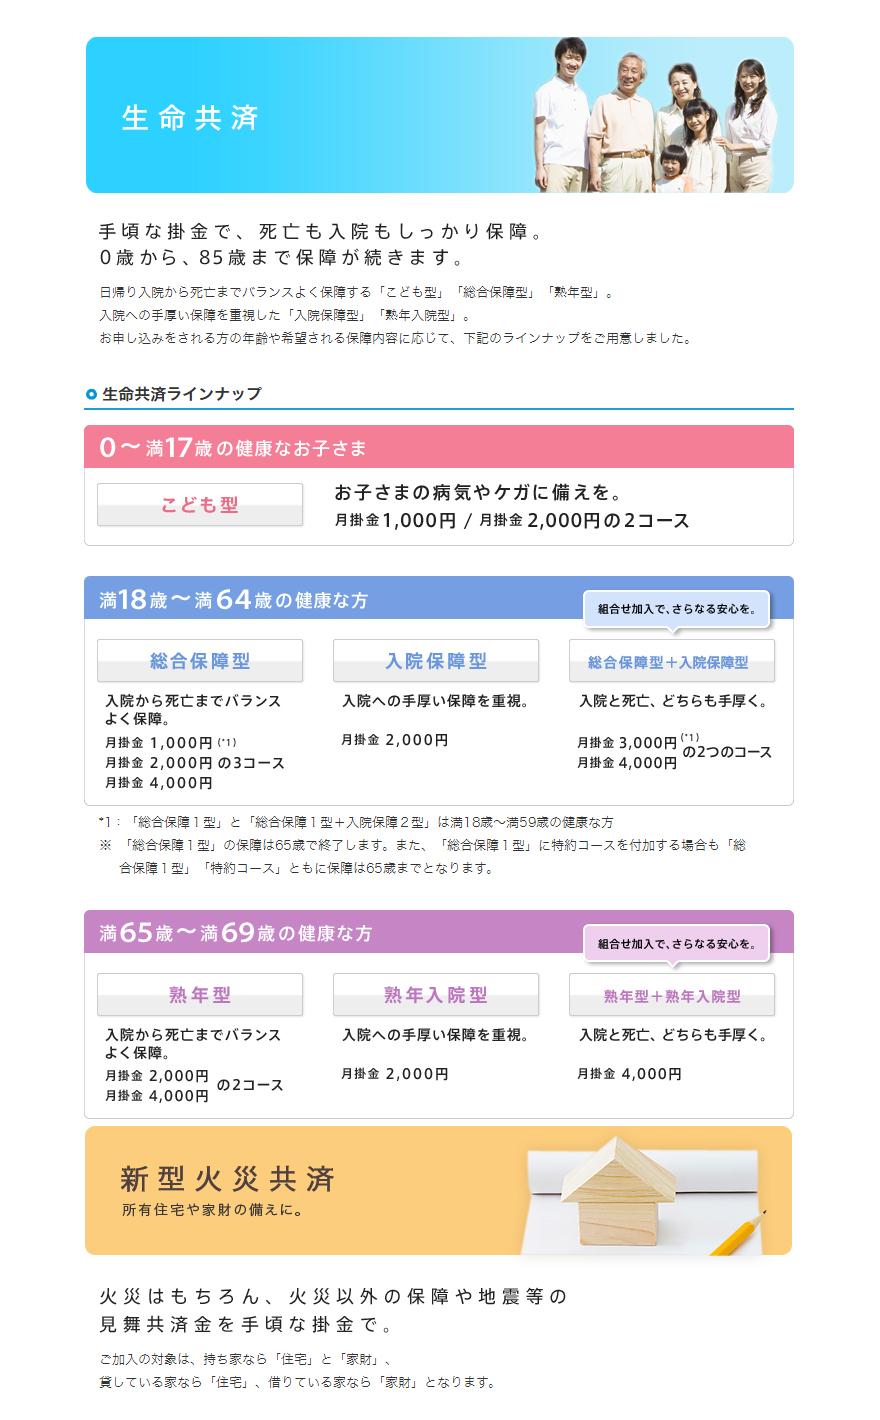 県民 共済 岡山 制度のご案内・ご加入のしおり・共済事業約款|岡山県民共済